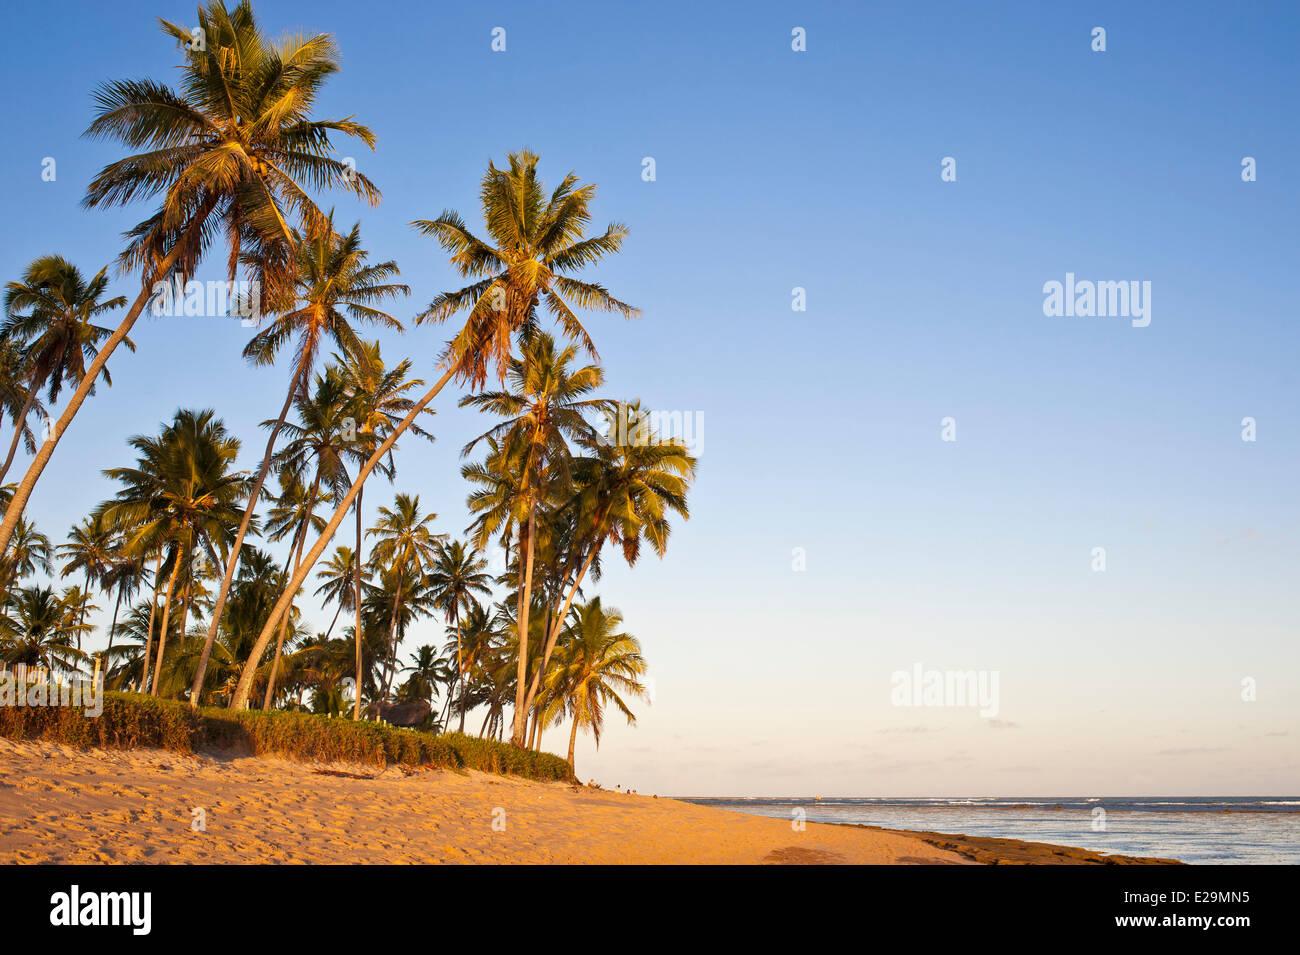 Brazil, Bahia State, Praia do Forte, seaside resort - Stock Image